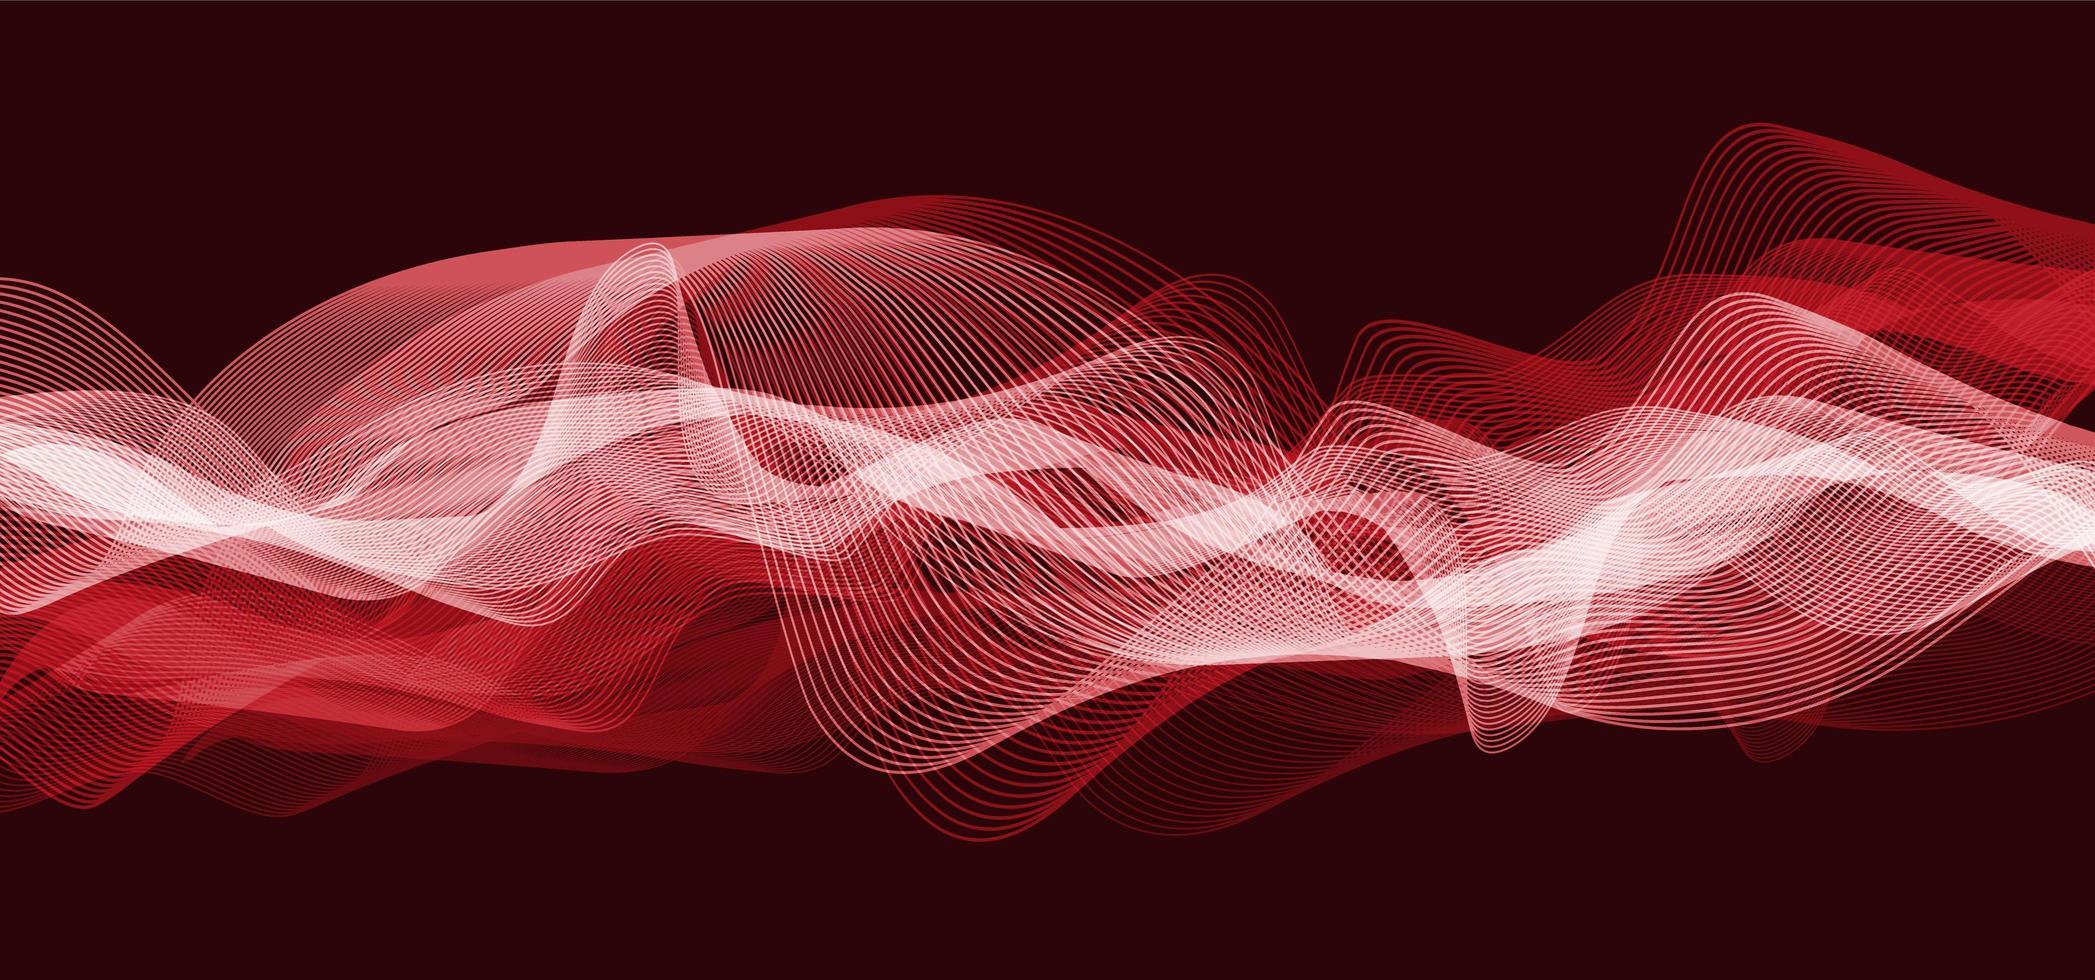 onda de som digital vermelho escuro escala de baixo e alto richter em fundo preto, tecnologia e diagrama de onda de terremoto e conceito de coração em movimento, design para estúdio de música e ciência, ilustração vetorial. vetor